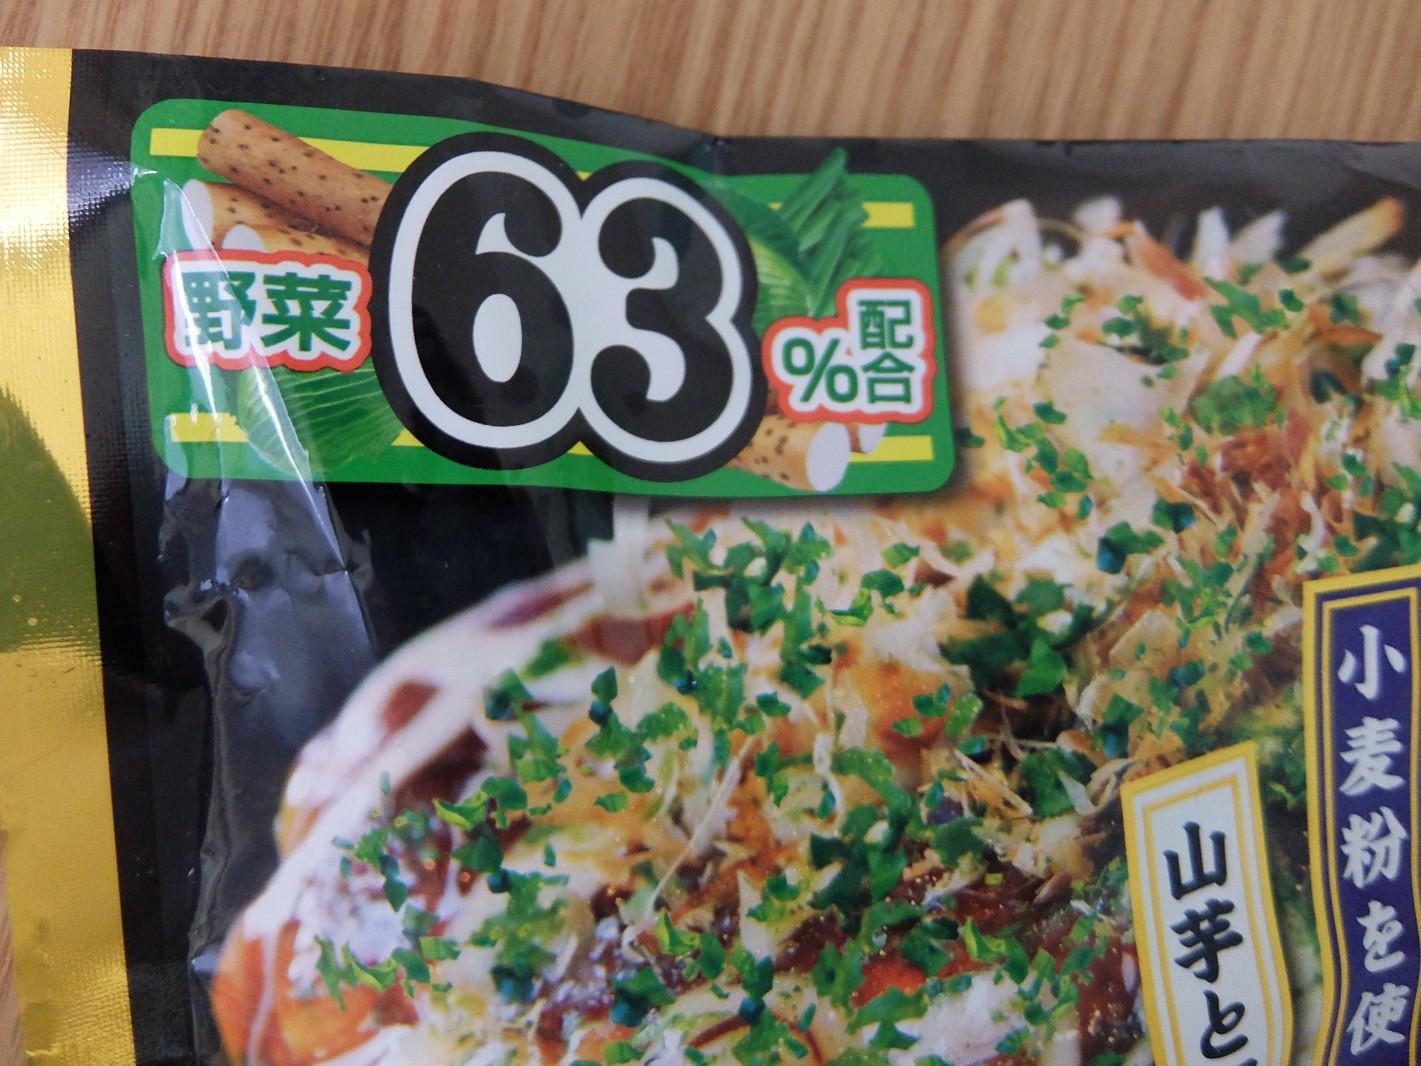 これは野菜料理!、かねます食品「鉄板屋」シリーズ